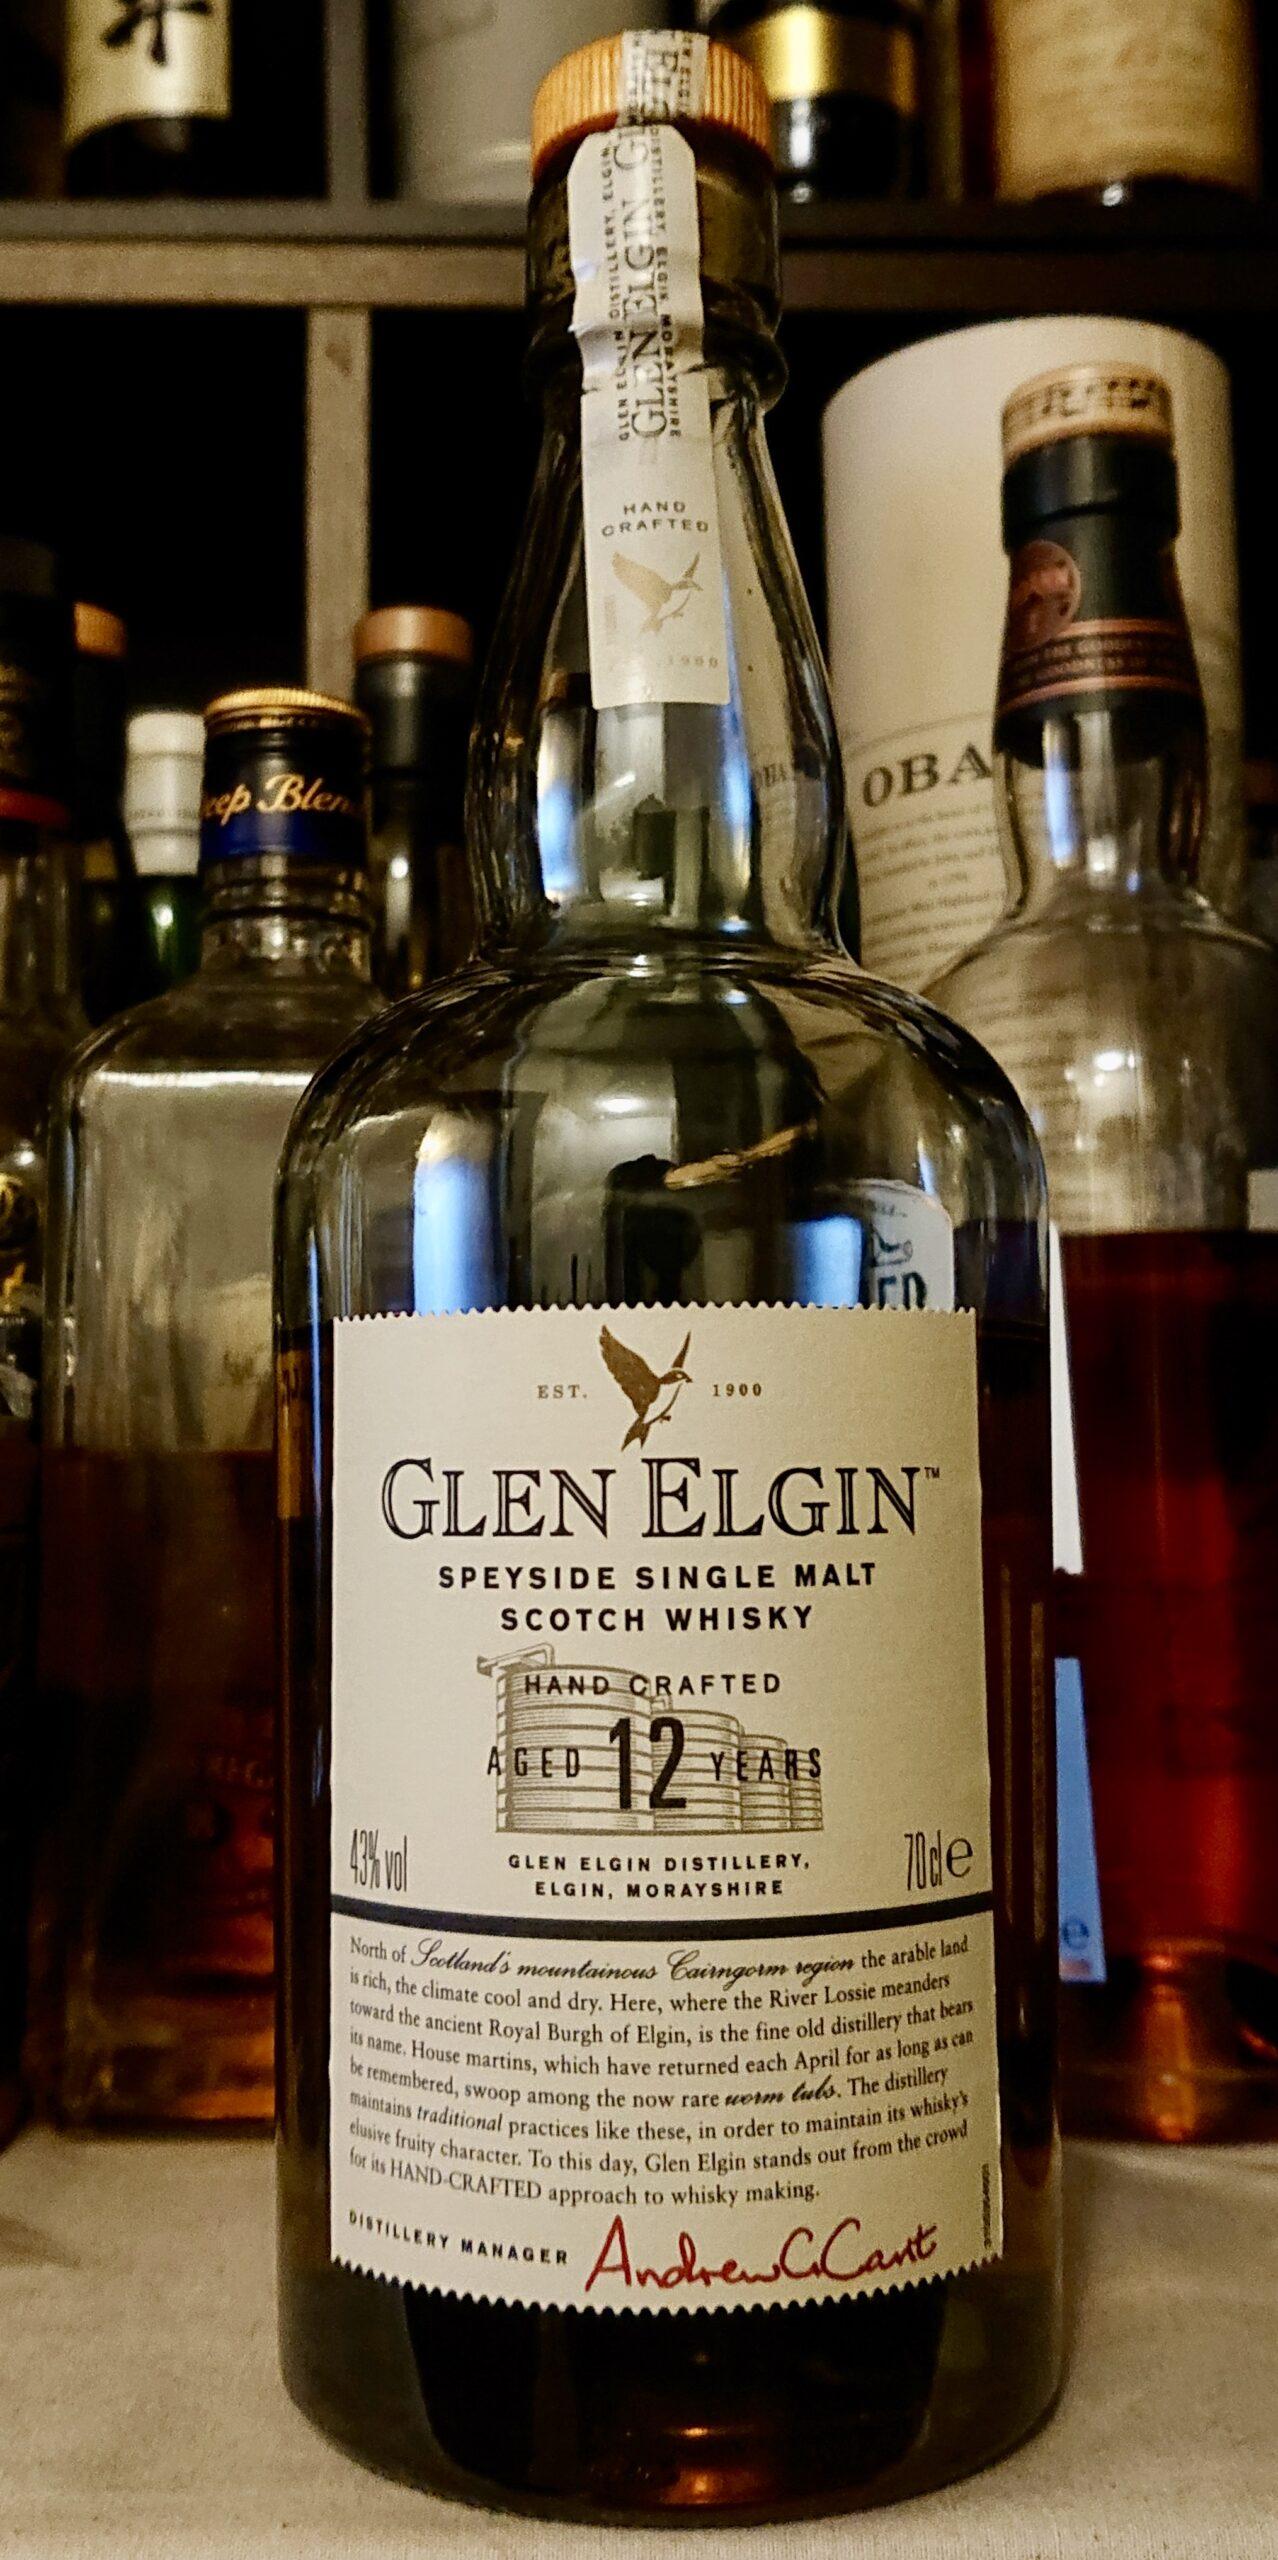 グレンエルギン12年のテイスティング&レヴュー・フローラル?いやパフューミー?ある意味私が最も衝撃を受けたウイスキー!